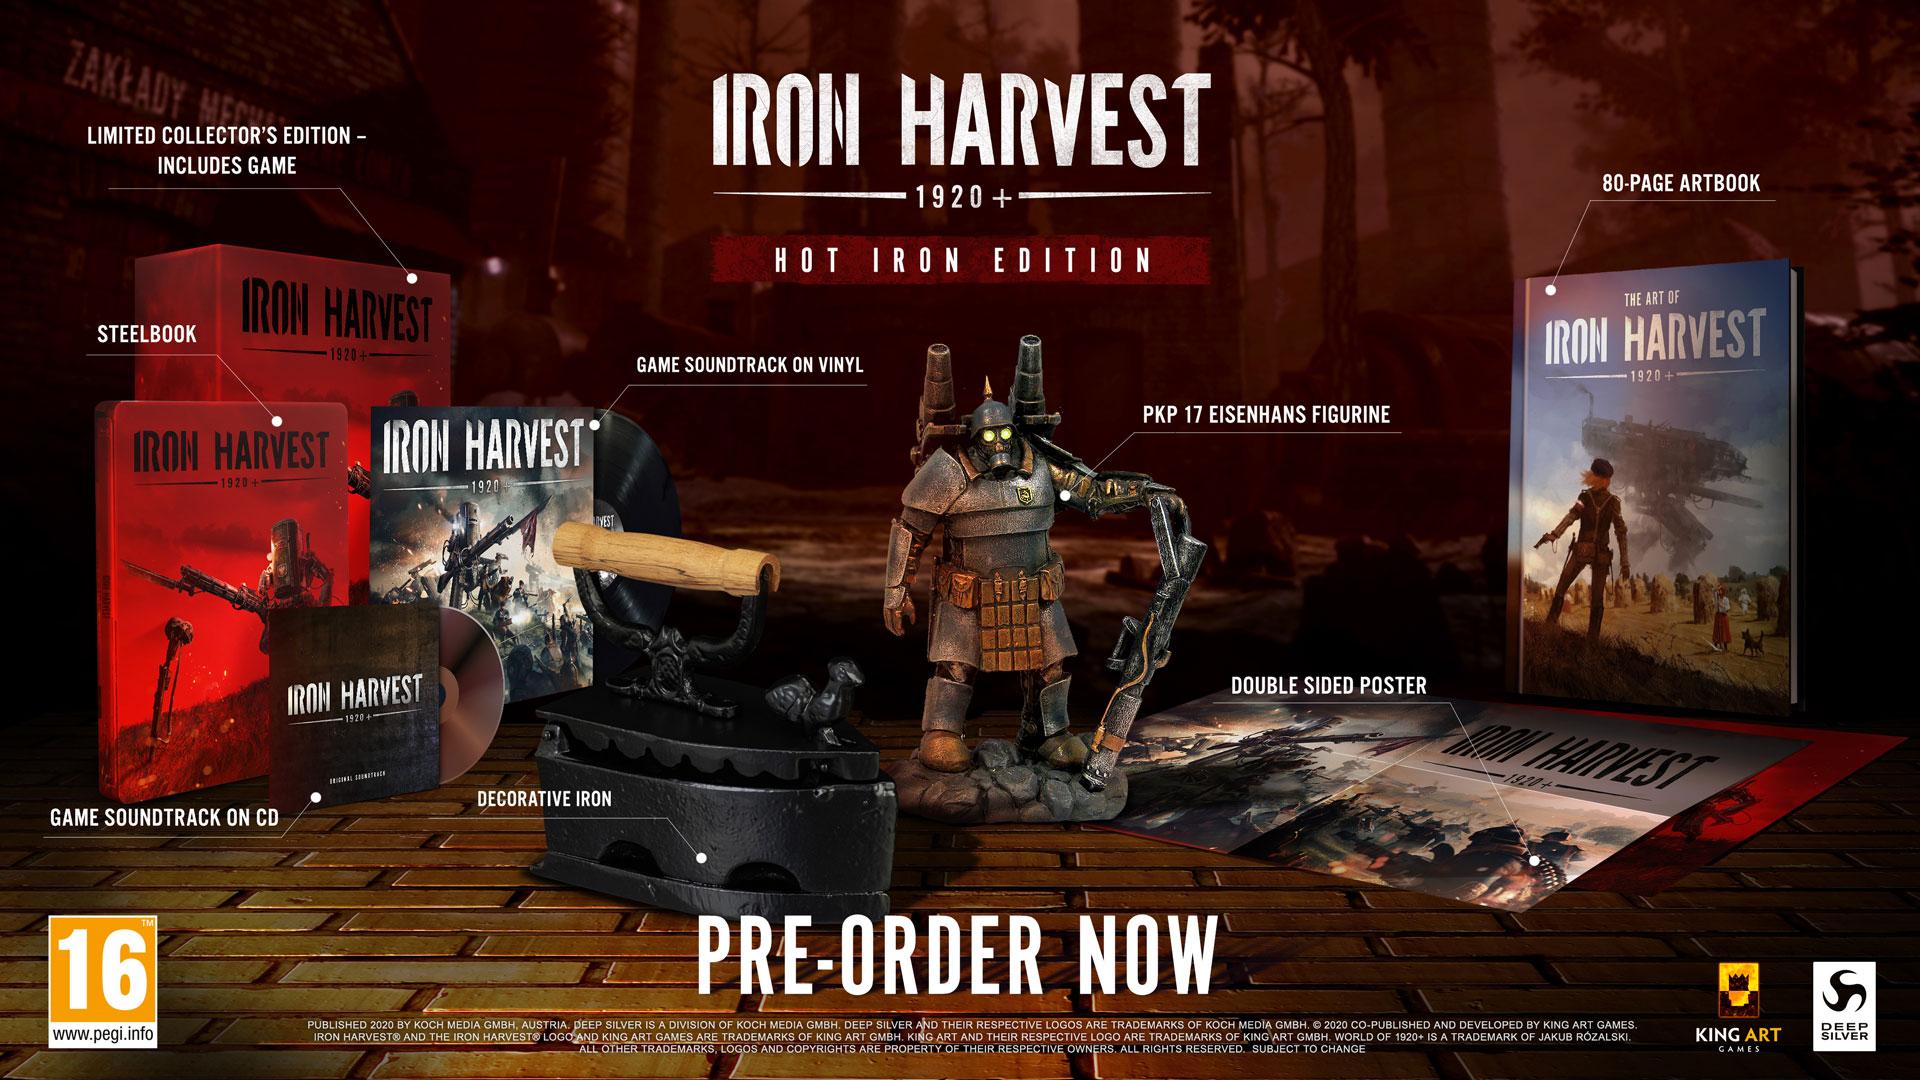 Iron Harvest 1920+ Hot Iron Edition